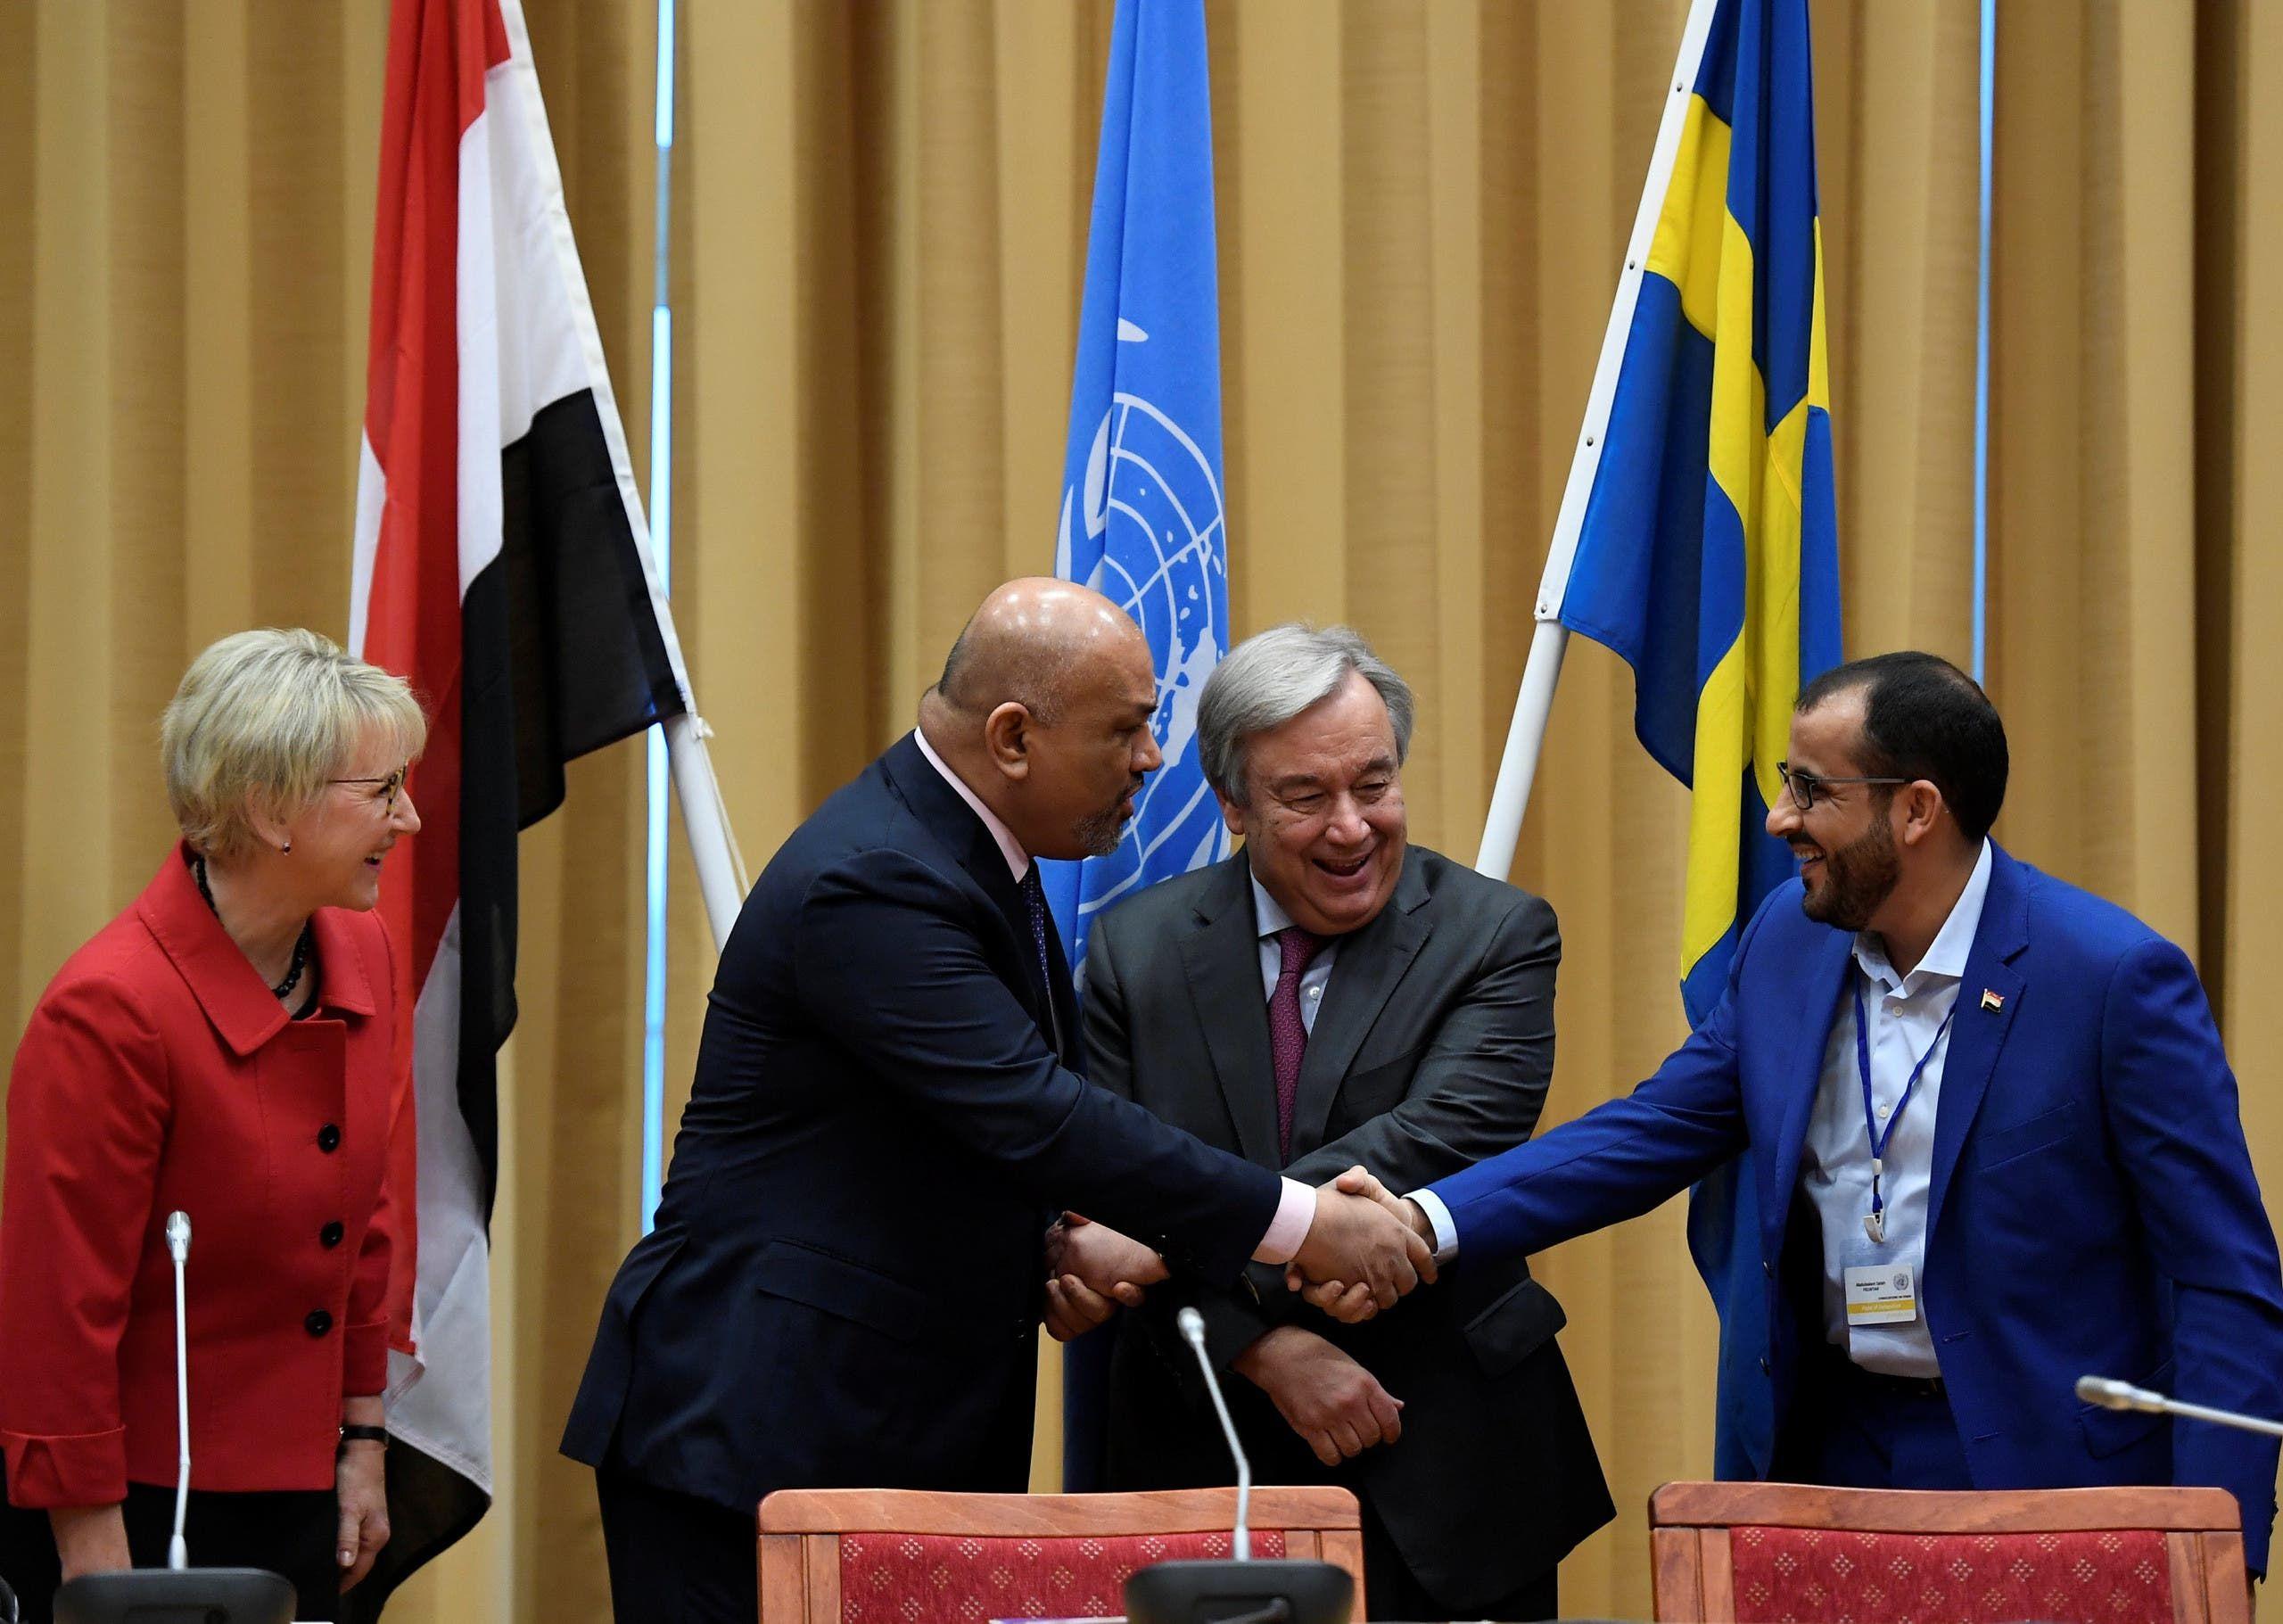 من التوقيع على اتفاق ستوكهولم في ديسمبر 2018